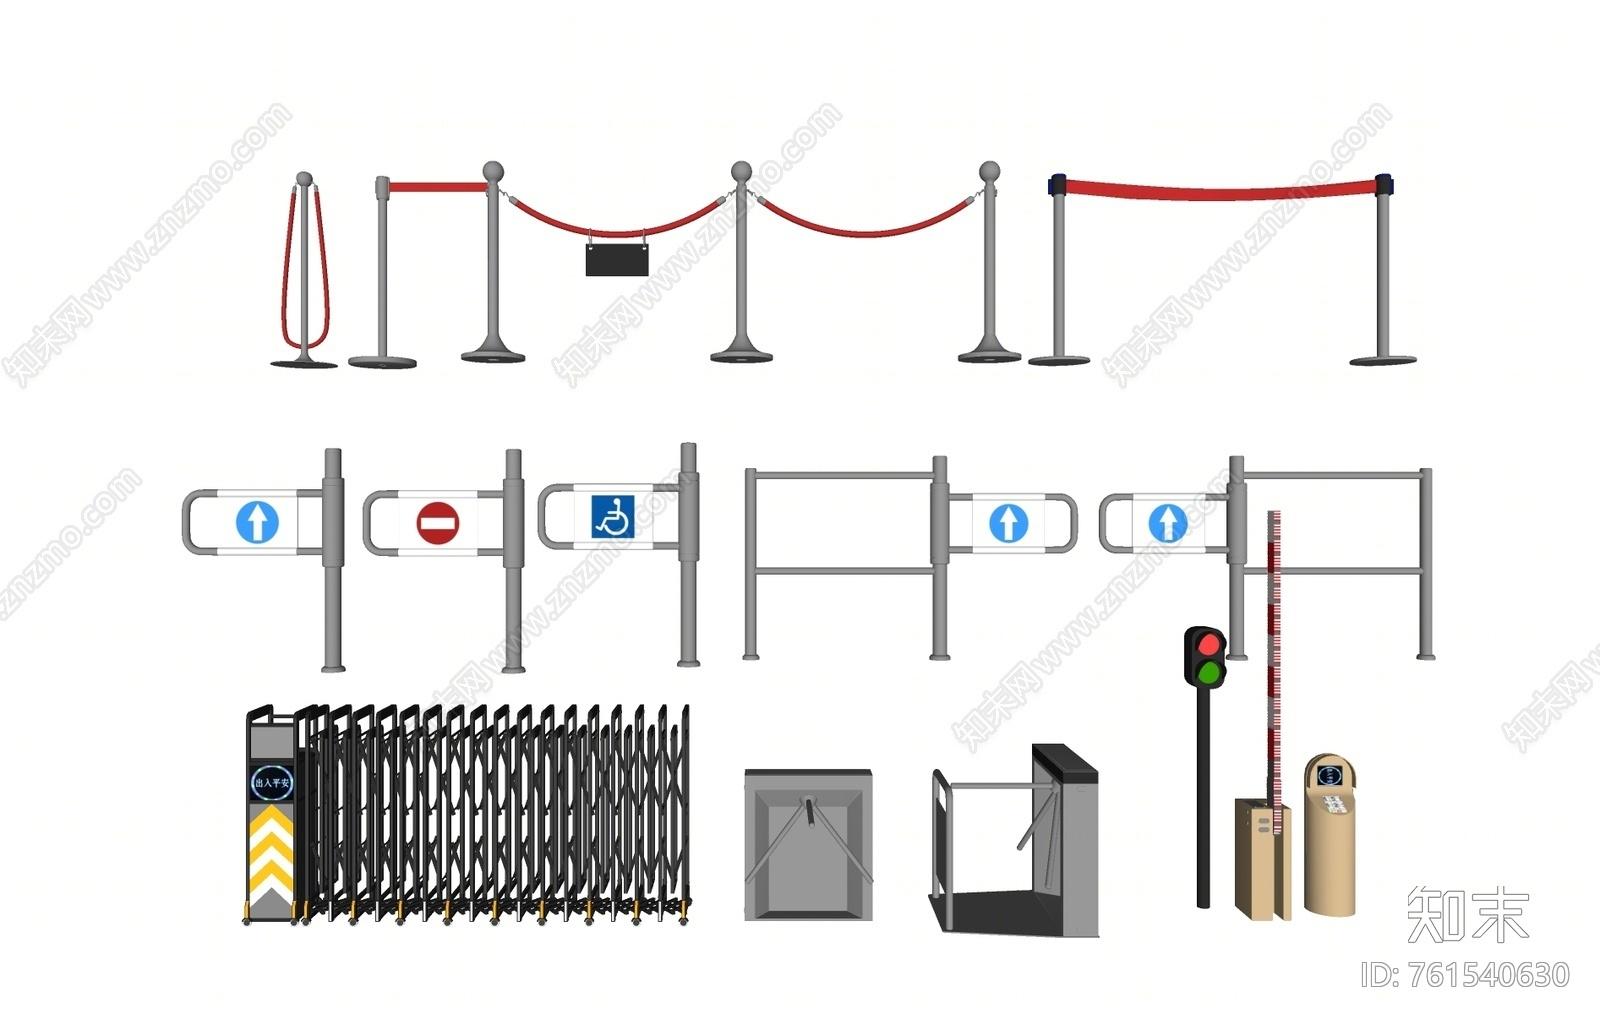 电动门模型_现代电动门SU模型下载【ID:761540630】_知末su模型网